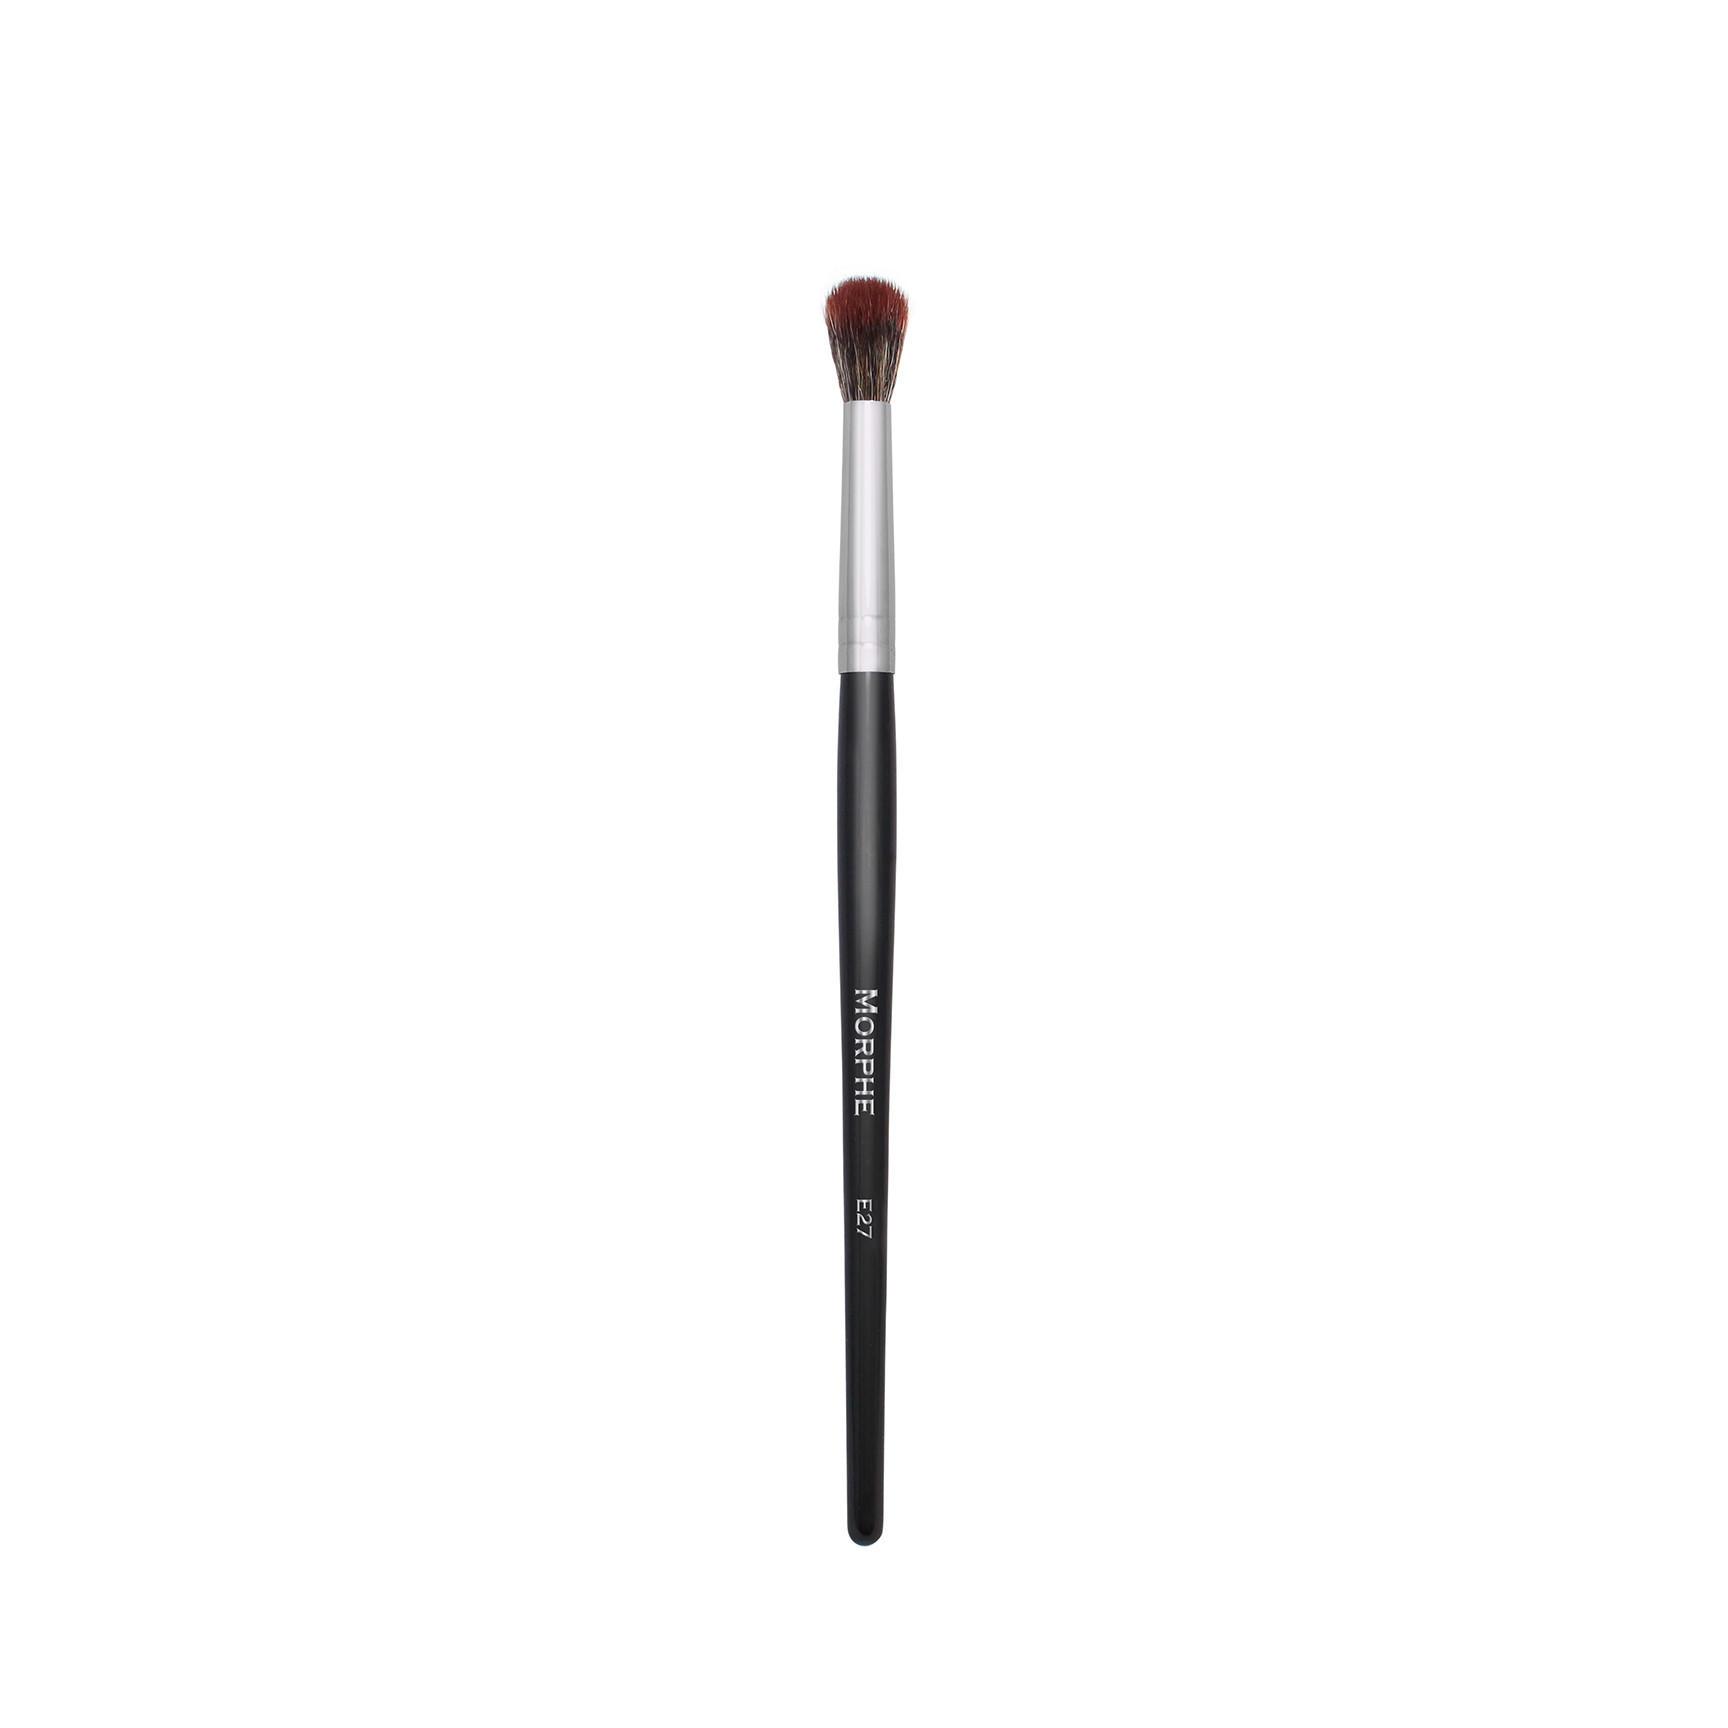 Morphe Pro Round Blender Brush E27